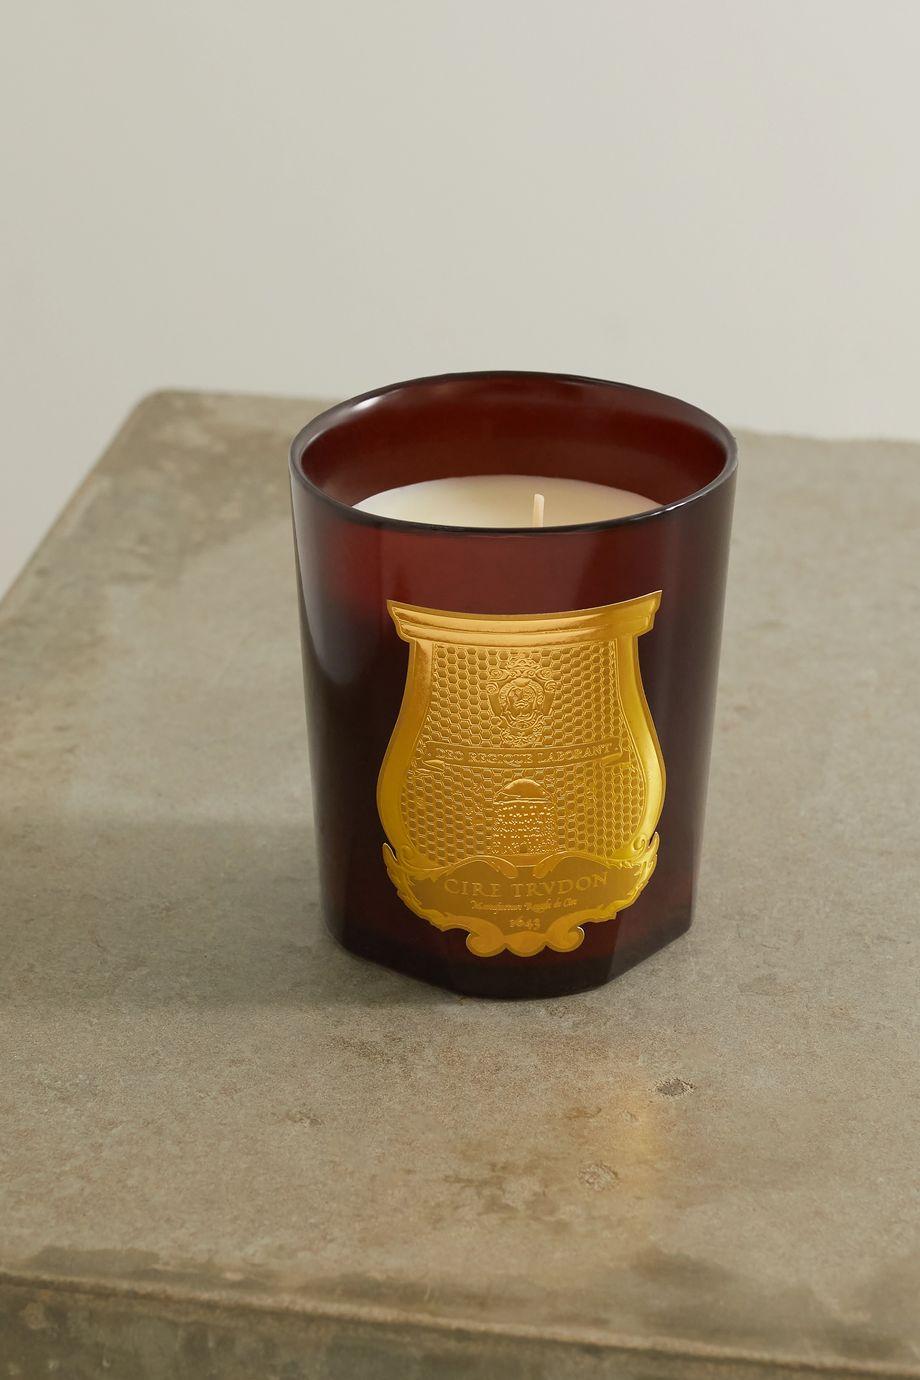 Cire Trudon Cire scented candle, 270g